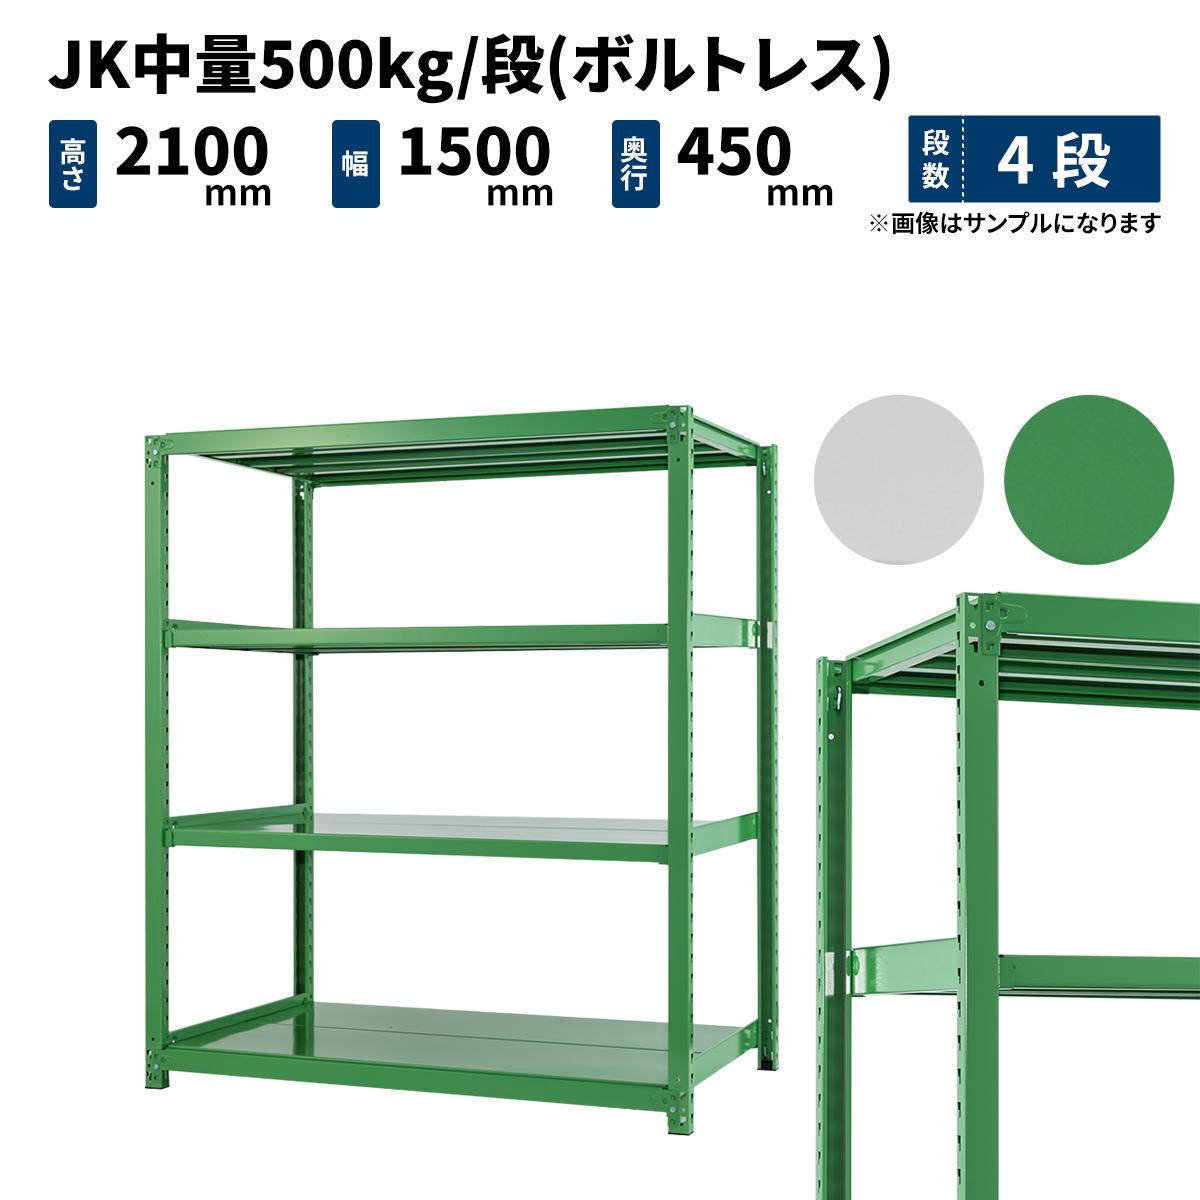 スチールラック 業務用 JK中量500kg/段(ボルトレス) 単体形式 高さ2100×幅1500×奥行450mm 4段 ホワイトグレー/グリーン (78kg) JK500_T-211545-4